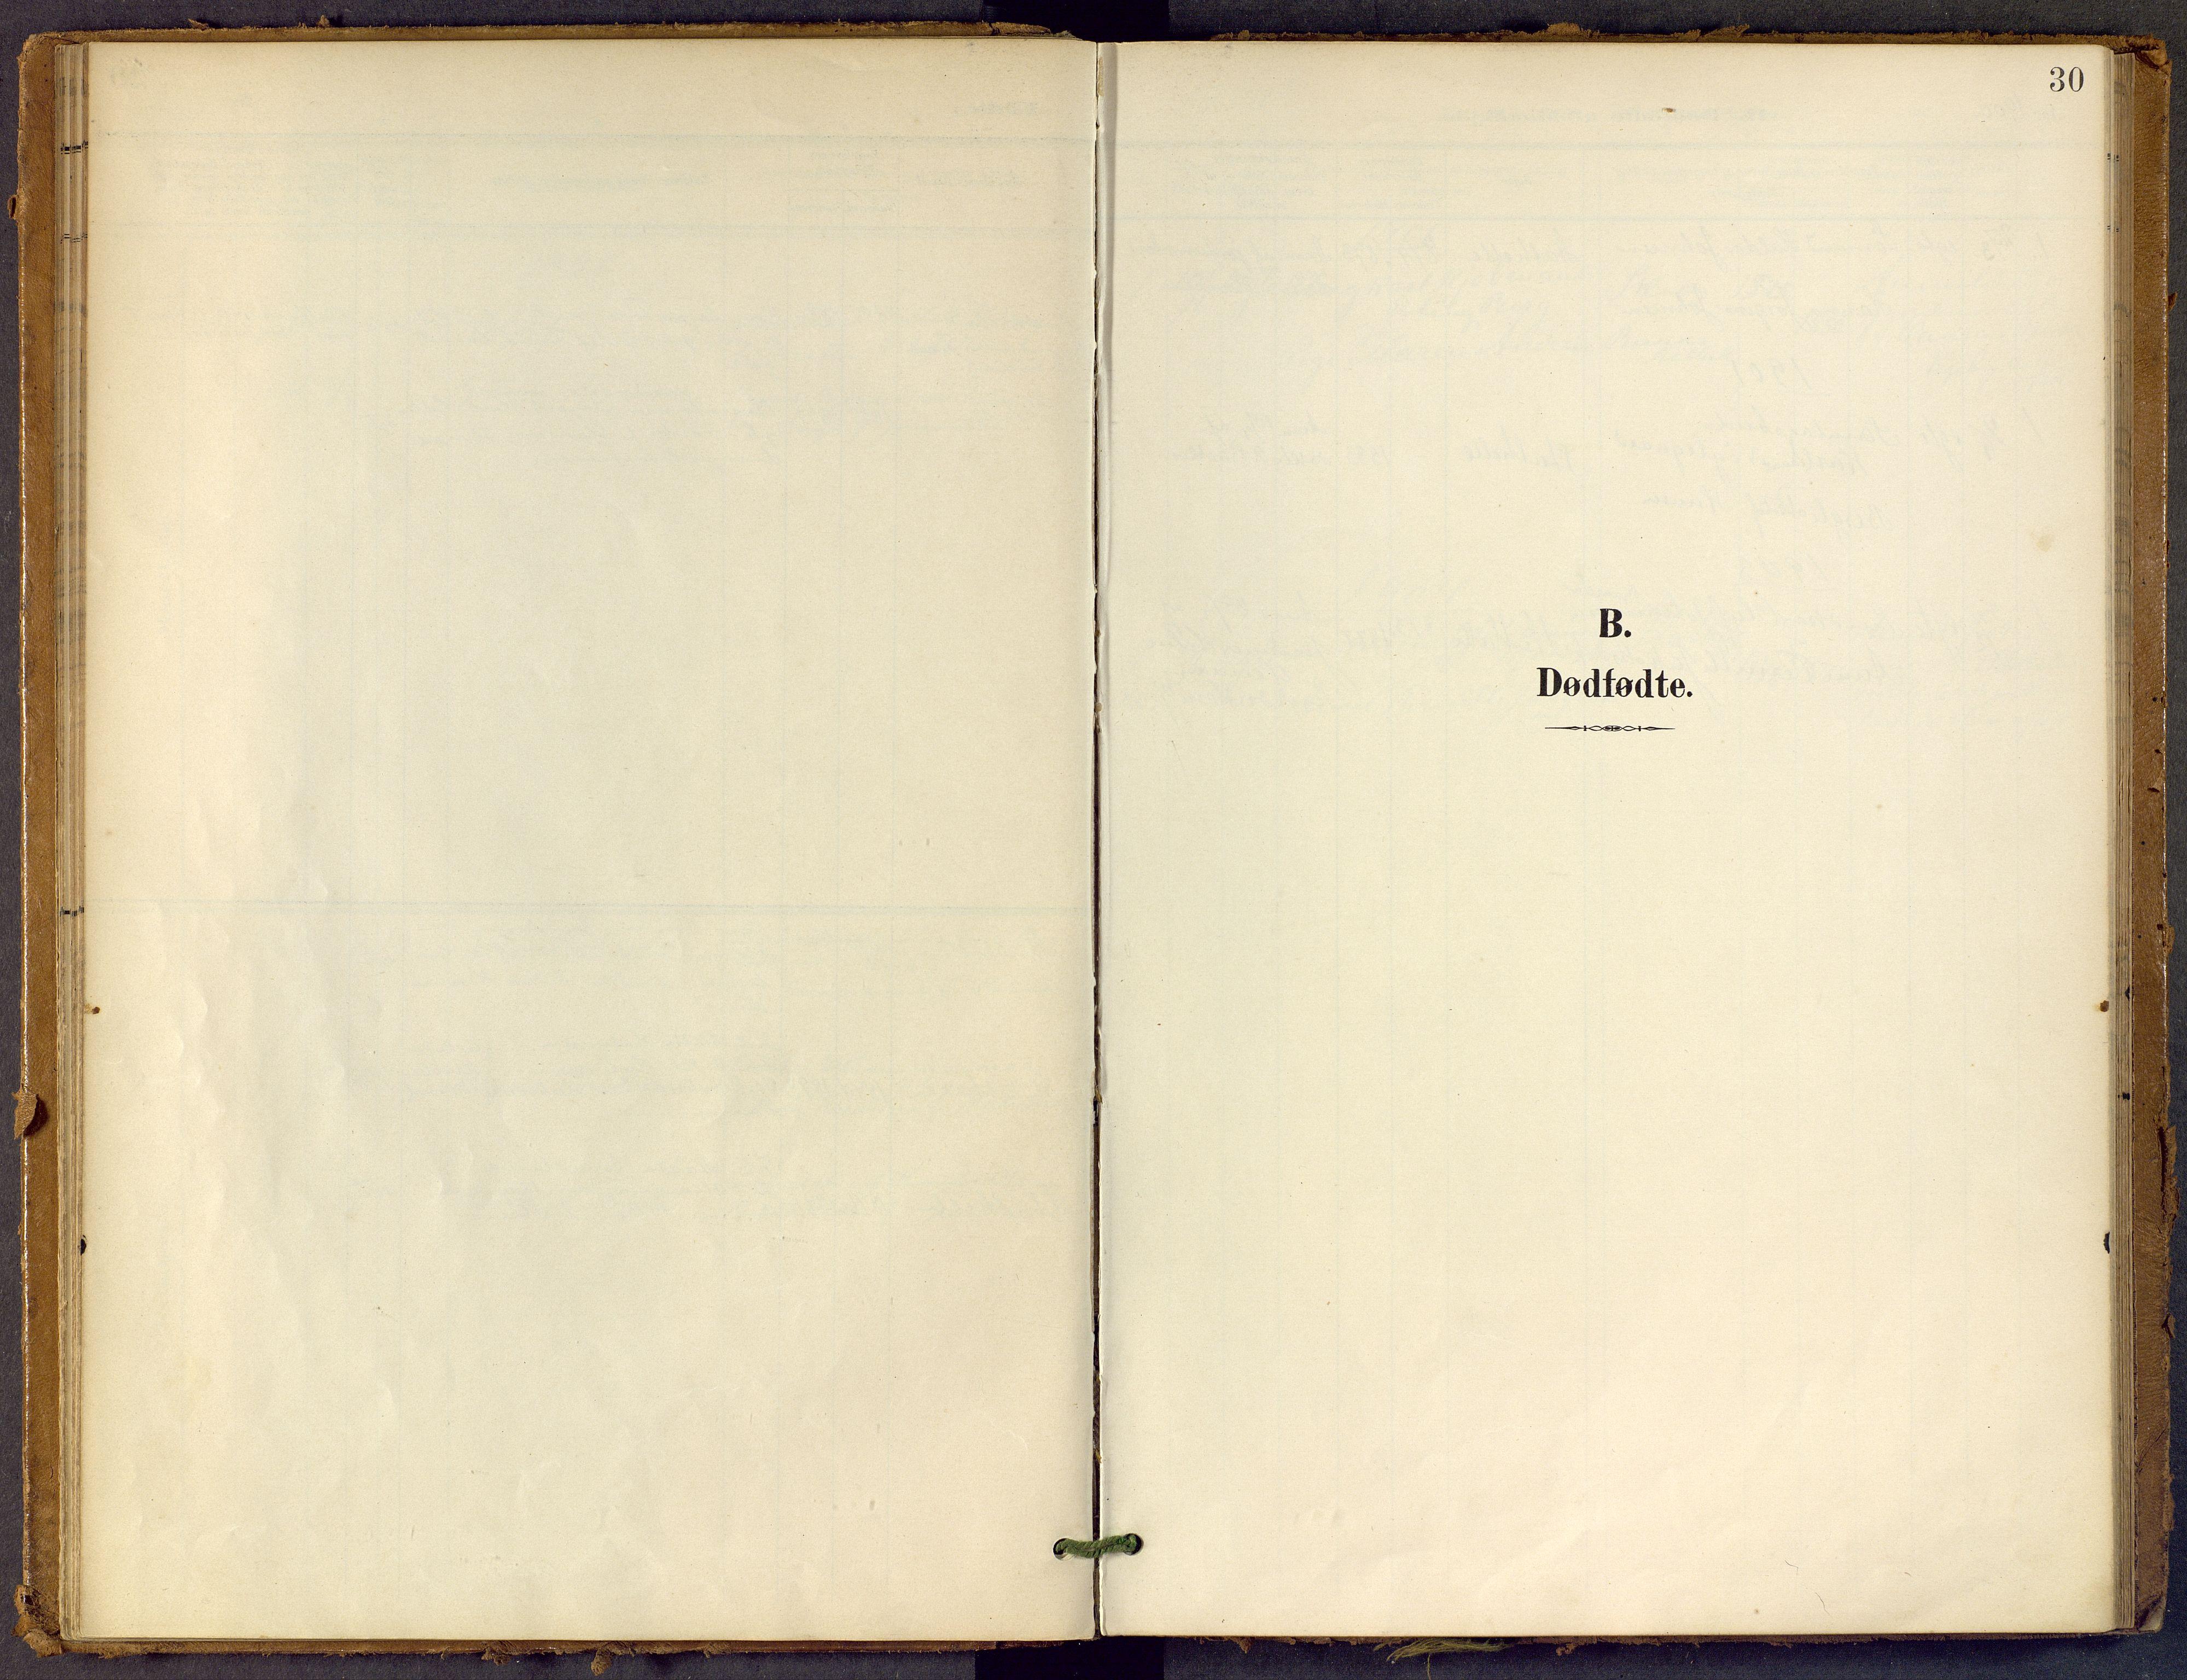 SAKO, Bamble kirkebøker, F/Fb/L0002: Ministerialbok nr. II 2, 1900-1921, s. 30